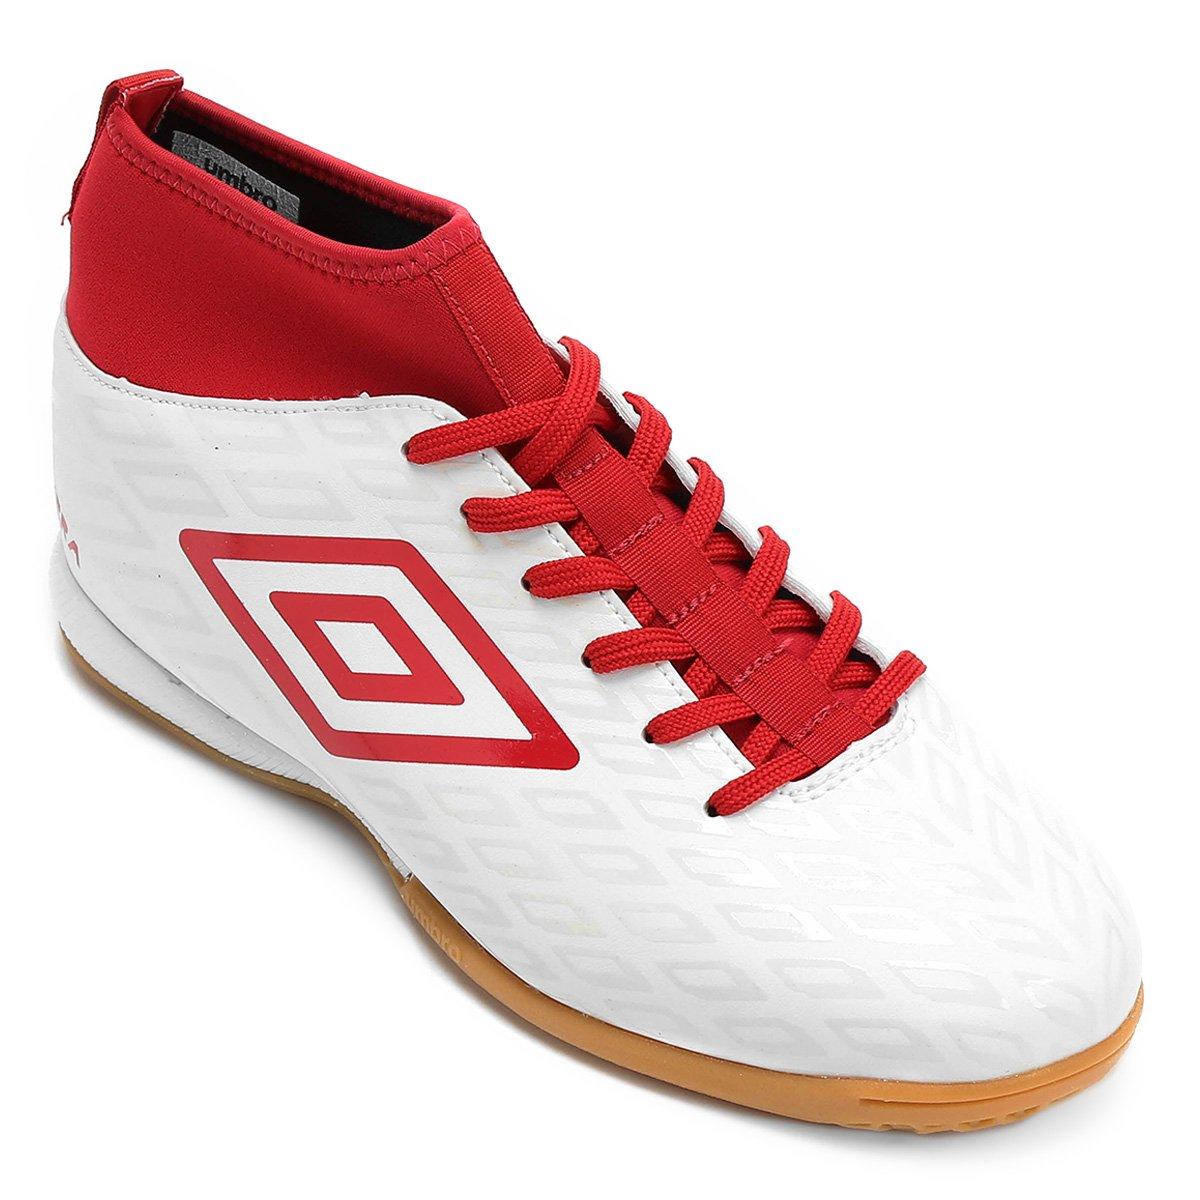 c7ccea2884 Chuteira Futsal Umbro Calibra